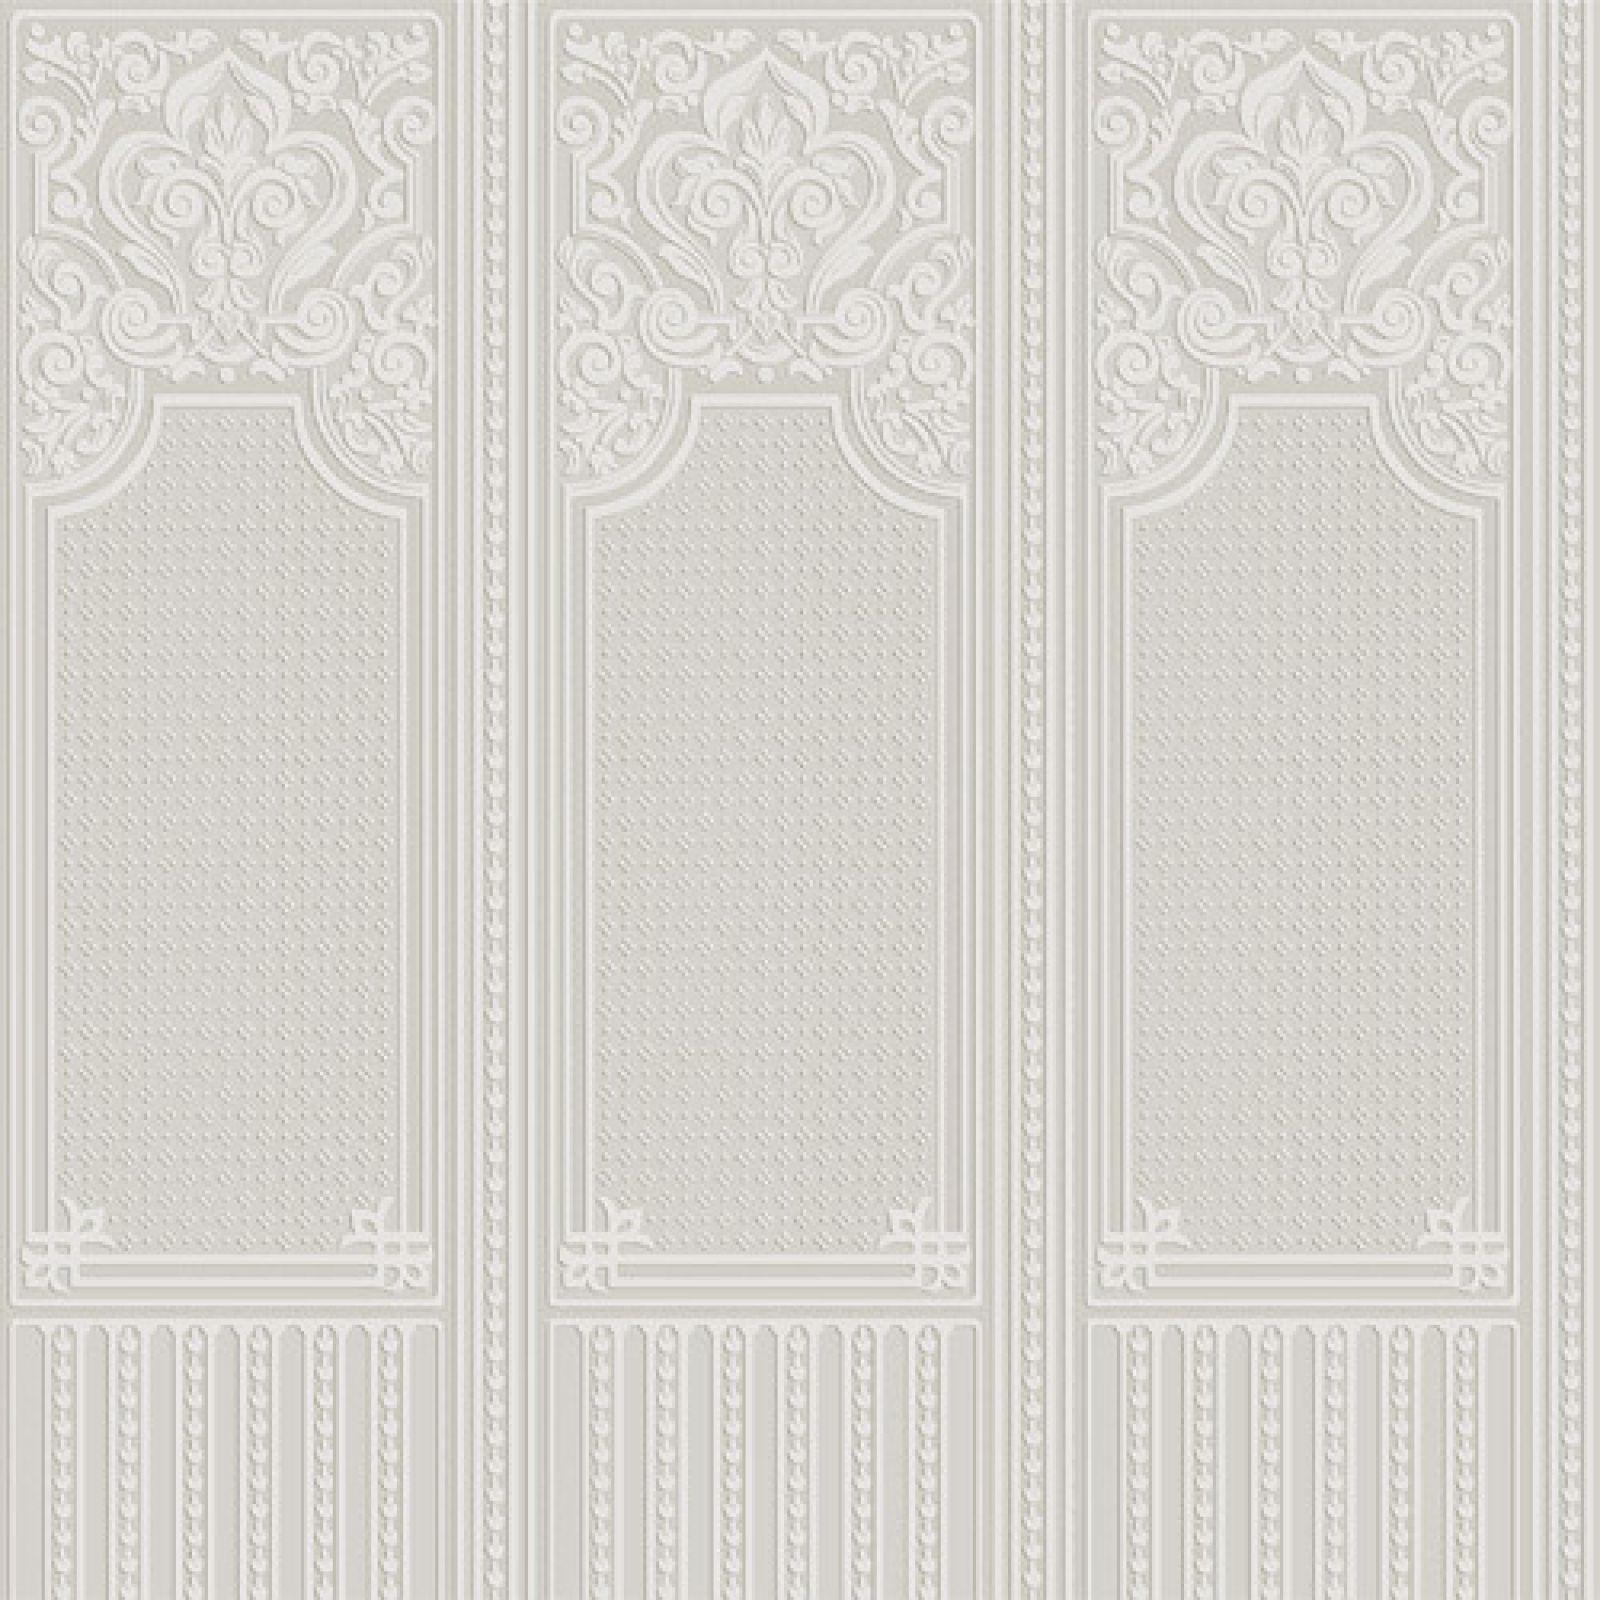 Anaglypta dado panels ve6700 anaglypta wallpaper - Anaglypta wallpaper ...